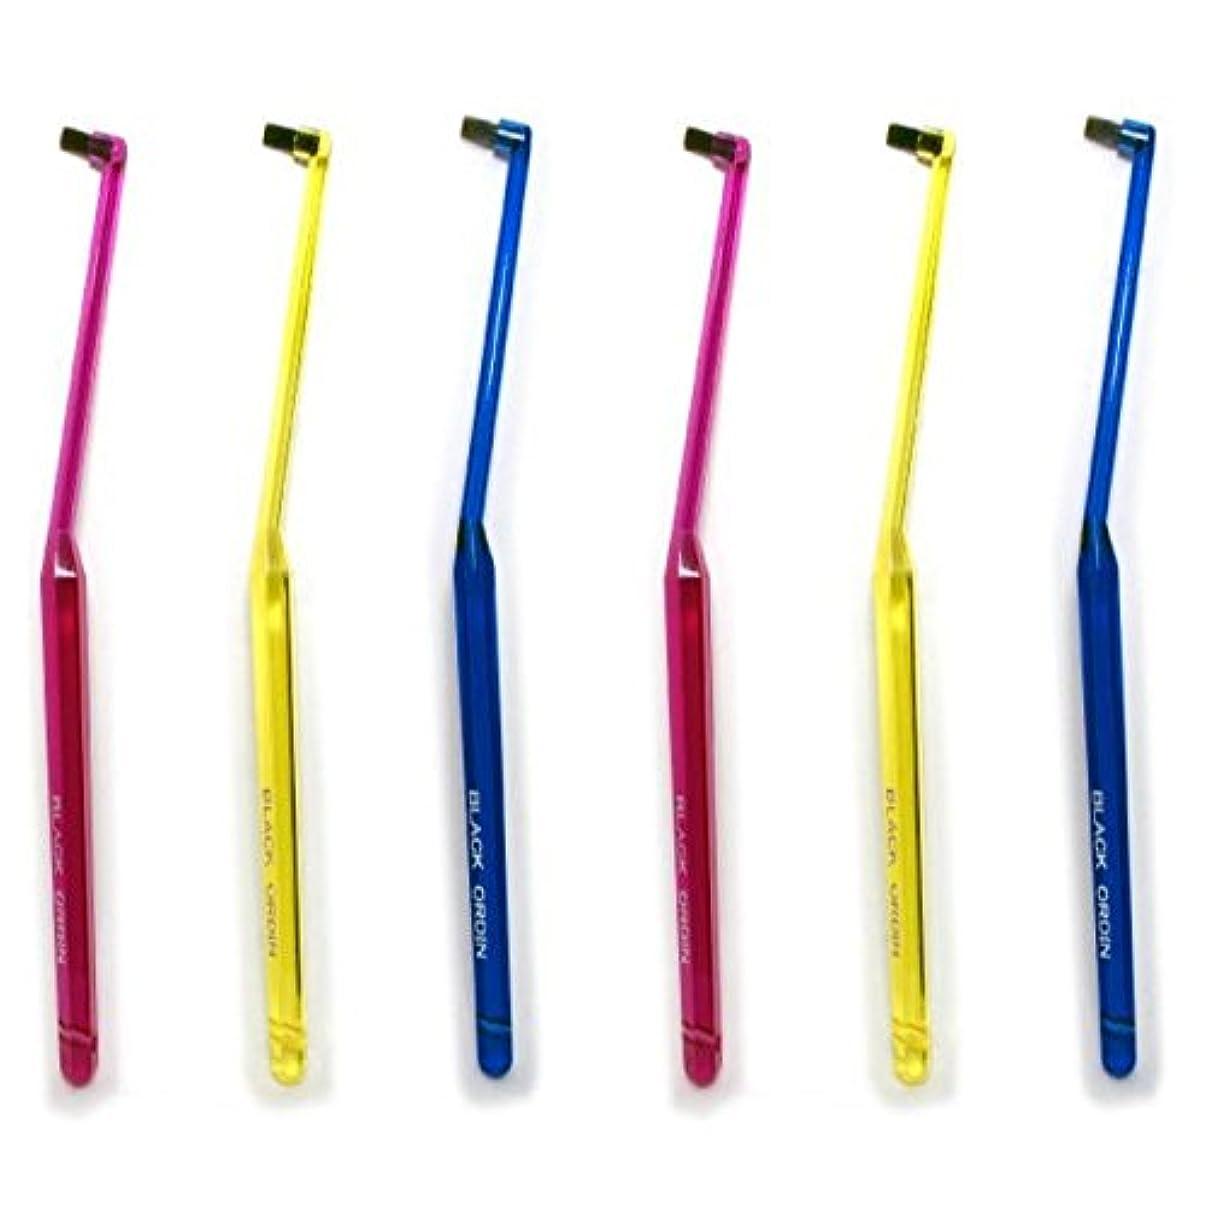 侮辱コンサート知り合いワンタフトブラシ ブラックオーディン ワンタフト×6本セット 部分用歯ブラシ 歯磨き 歯ブラシ